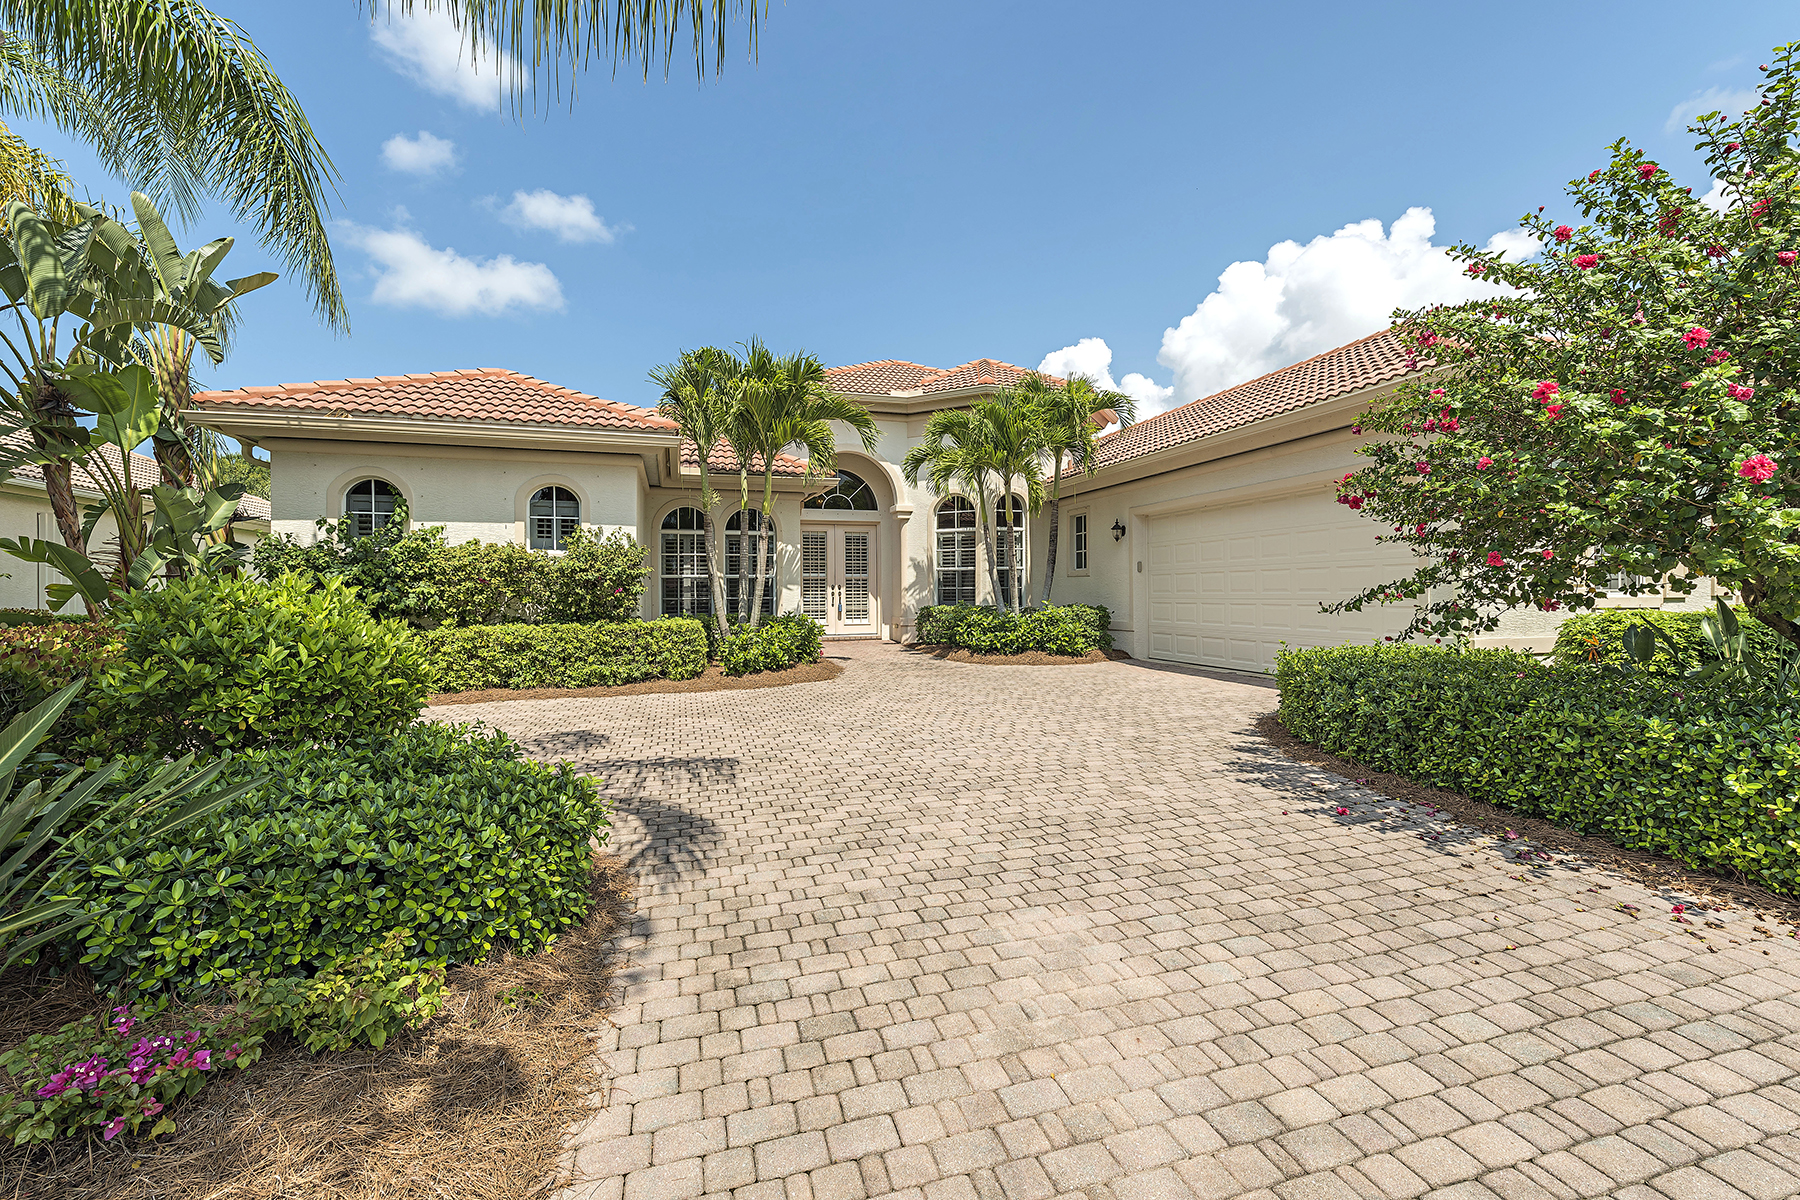 Casa Unifamiliar por un Venta en Cypress Cove 20024 Buttermere Ct Estero, Florida, 33928 Estados Unidos